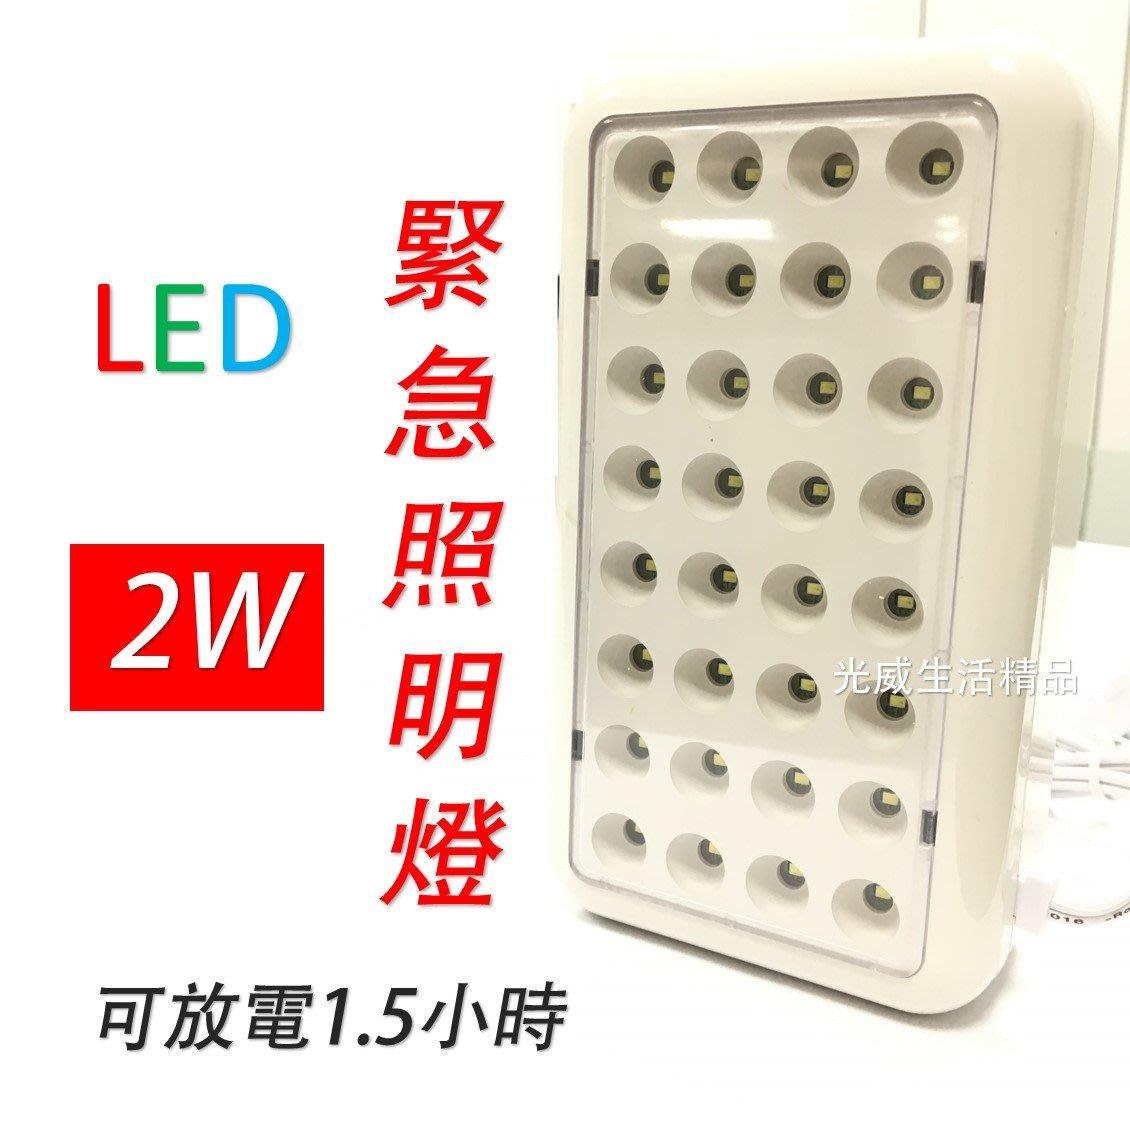 LED 緊急照明燈 2W 高亮度 32顆LED 一年保固